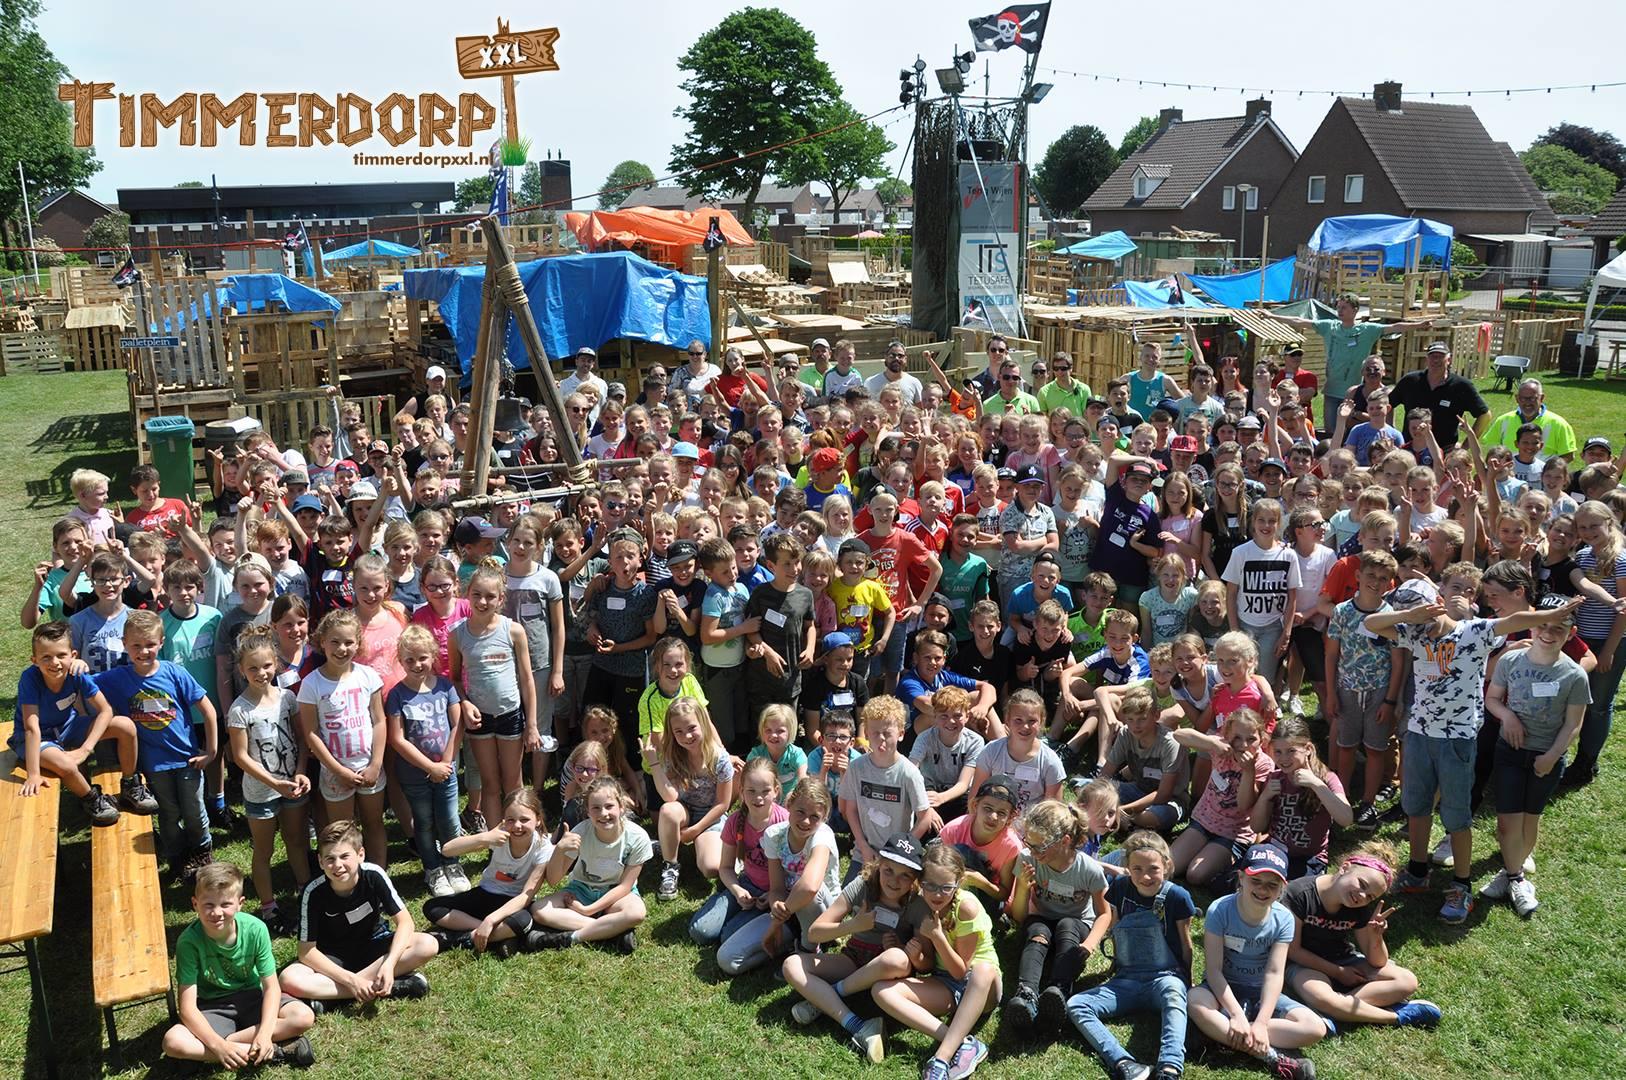 TimmerdorpXXL groepsfoto 2018